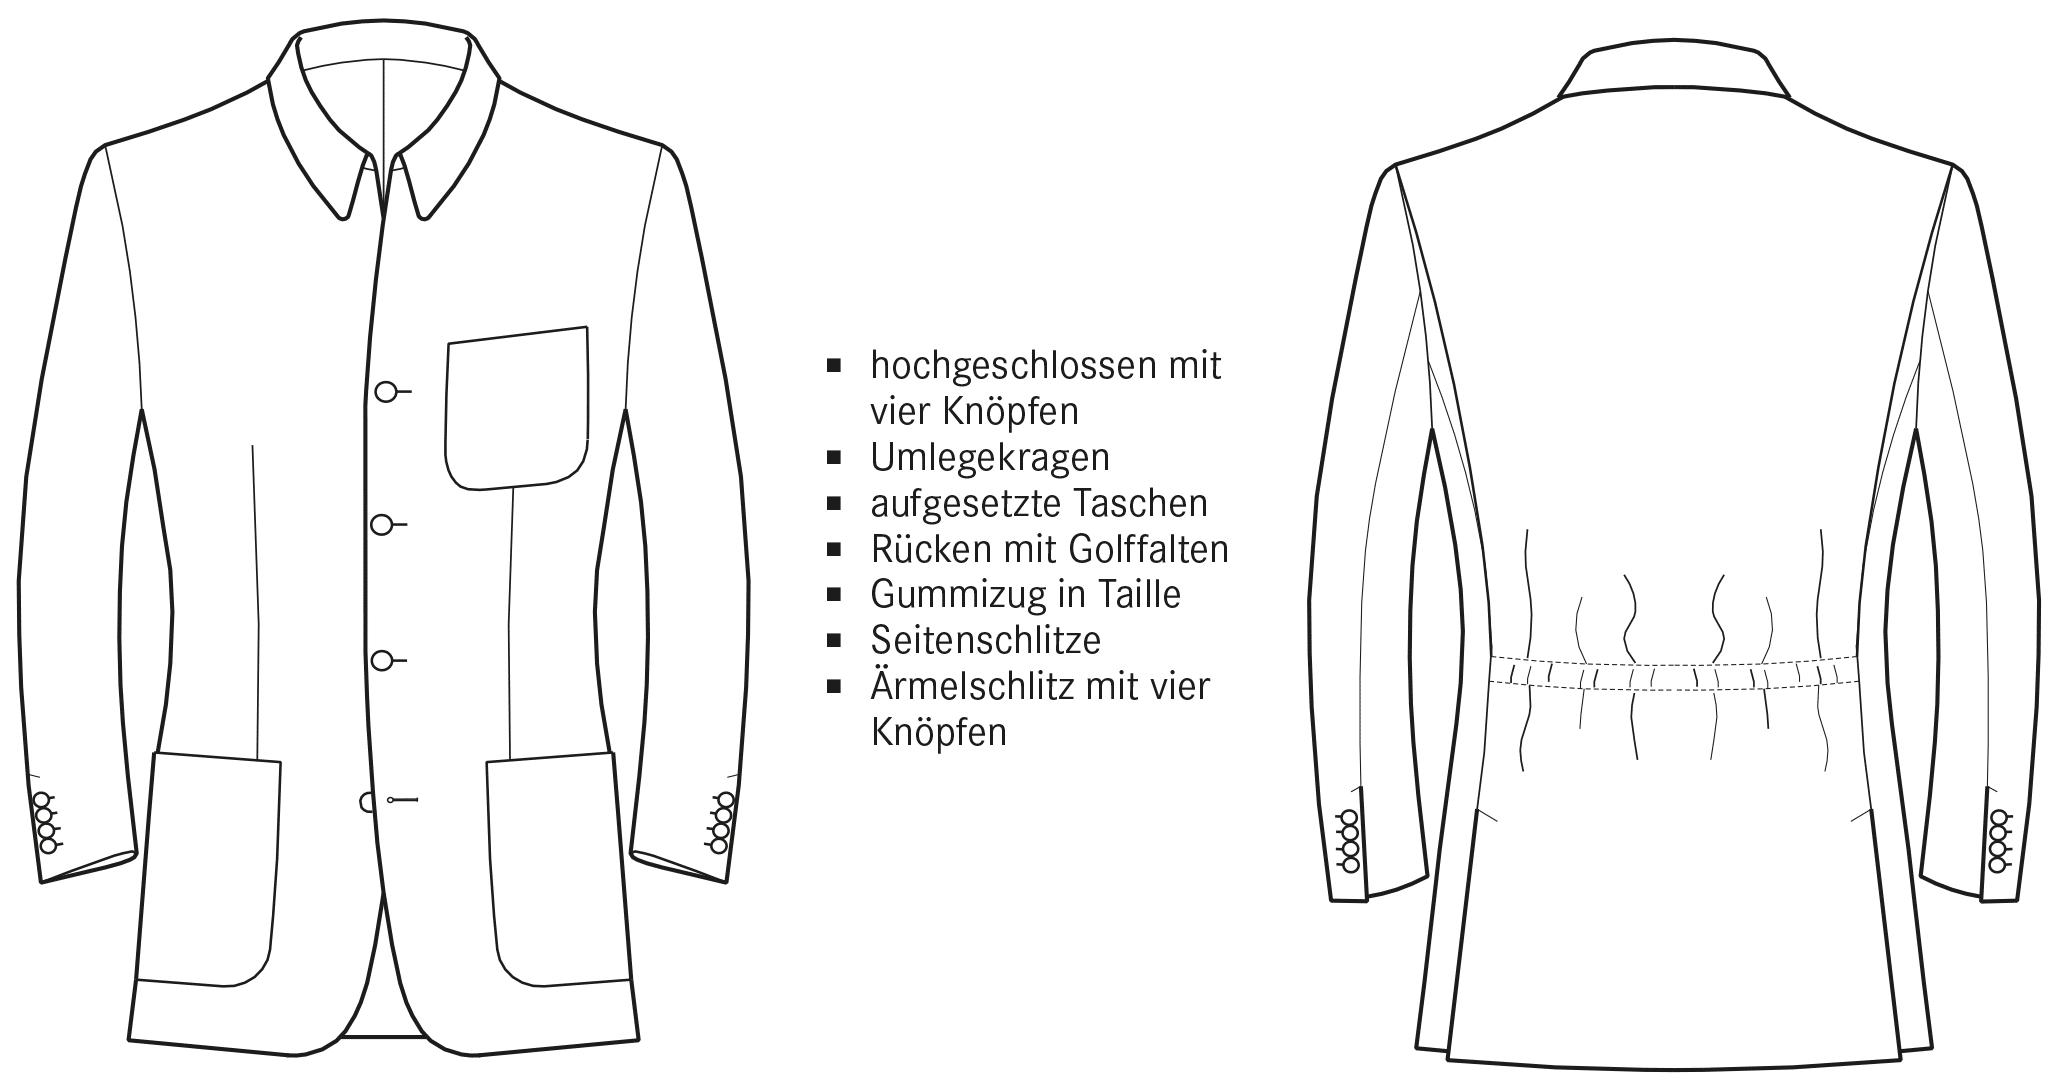 Technische Zeichnung eines Sakkos mit Golffalte. Zu sehen ist die Vorder- und Rückansicht inklusive Beschreibung für die Schnitttechnik.